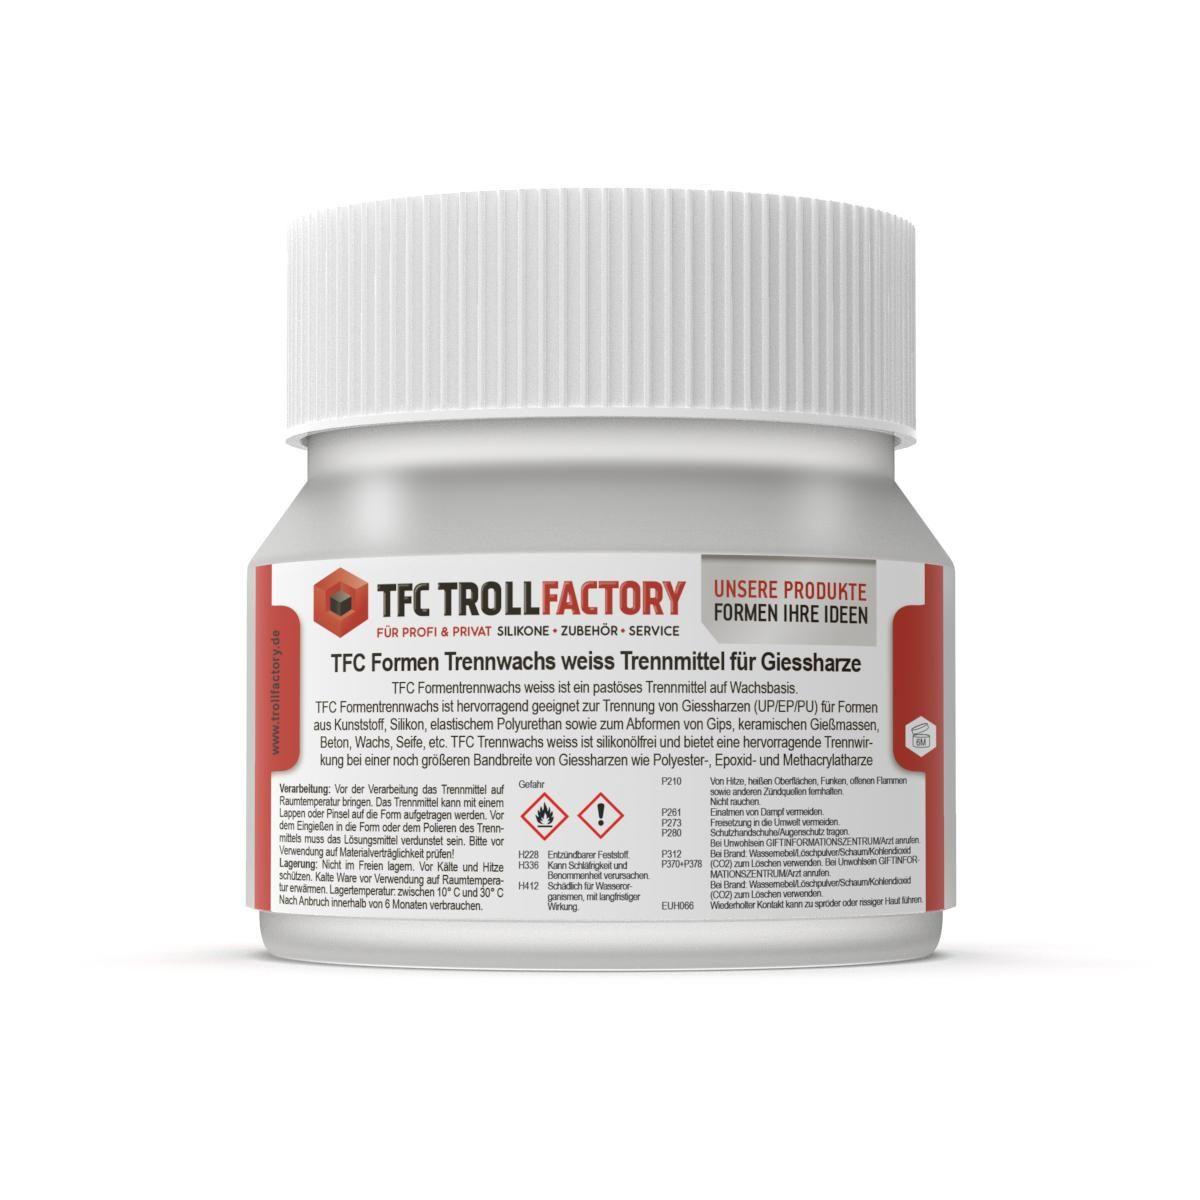 TFC Formen Trennwachs weiss Trennmittel für Giessharze 50g